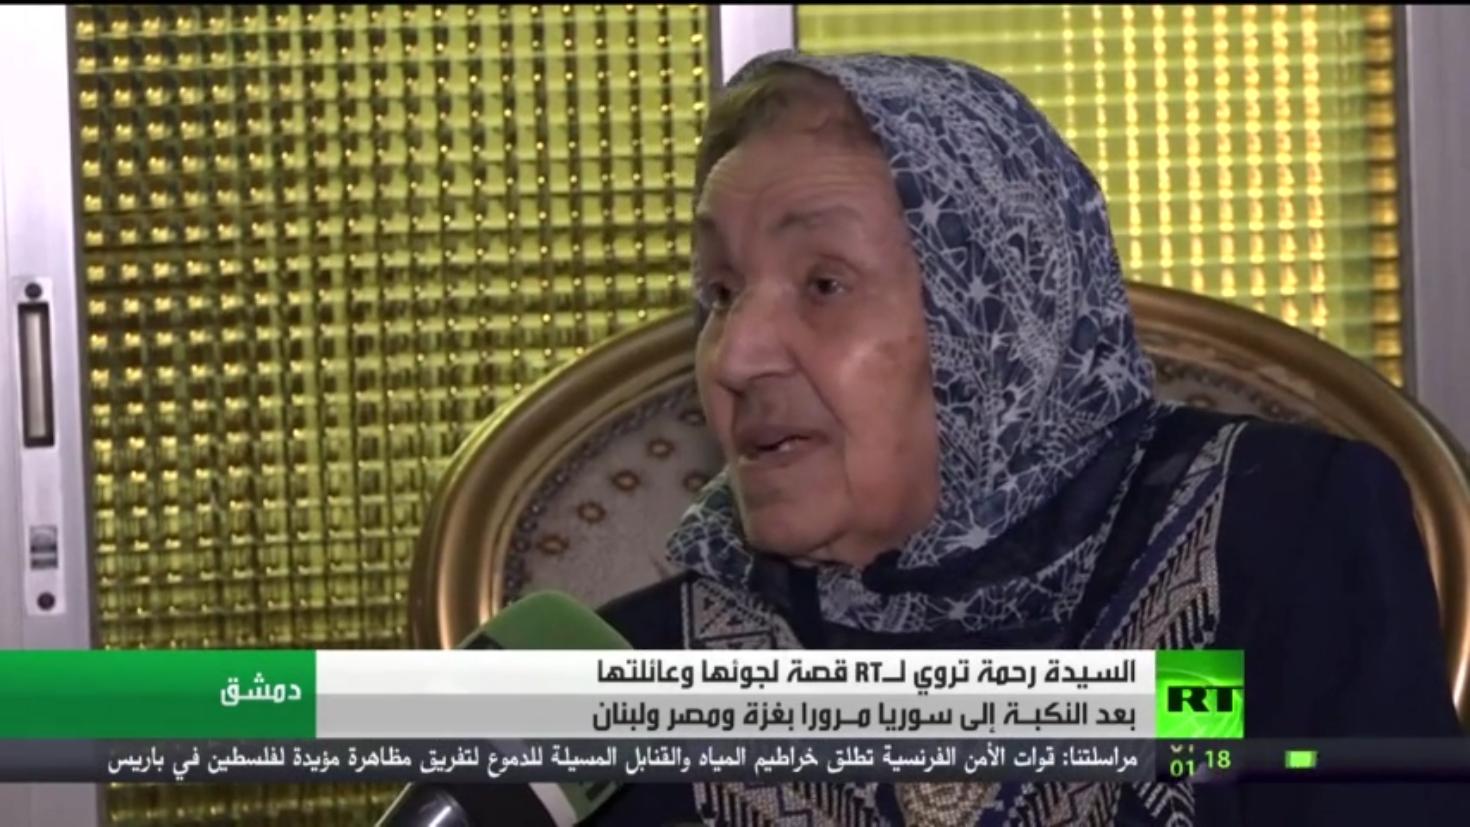 النكبة الفلسطينية.. تاريخ يتمدد مع السنوات